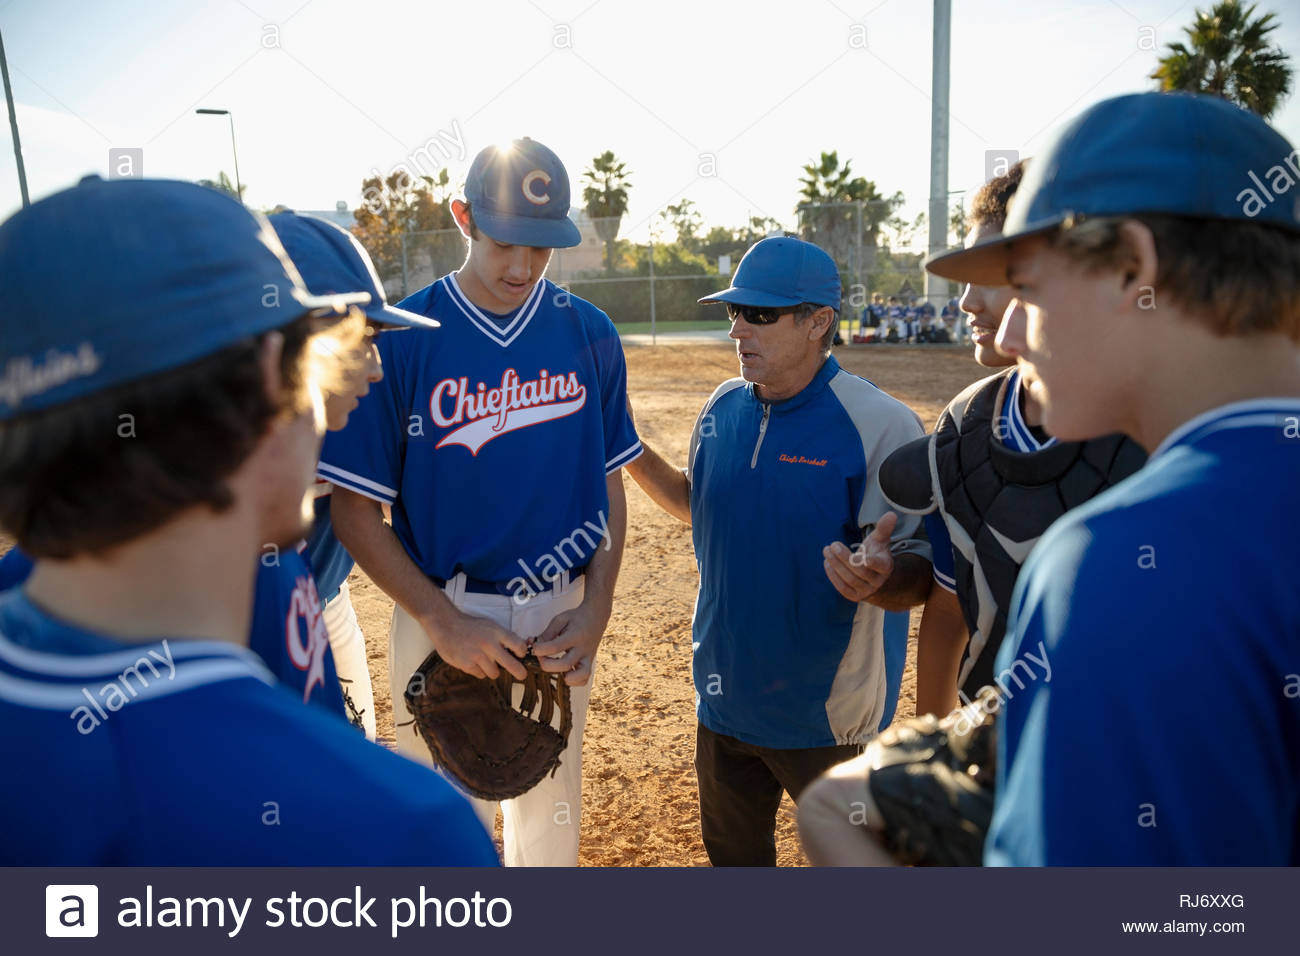 El entrenador y los jugadores de béisbol en se apiñan en campo soleado Imagen De Stock